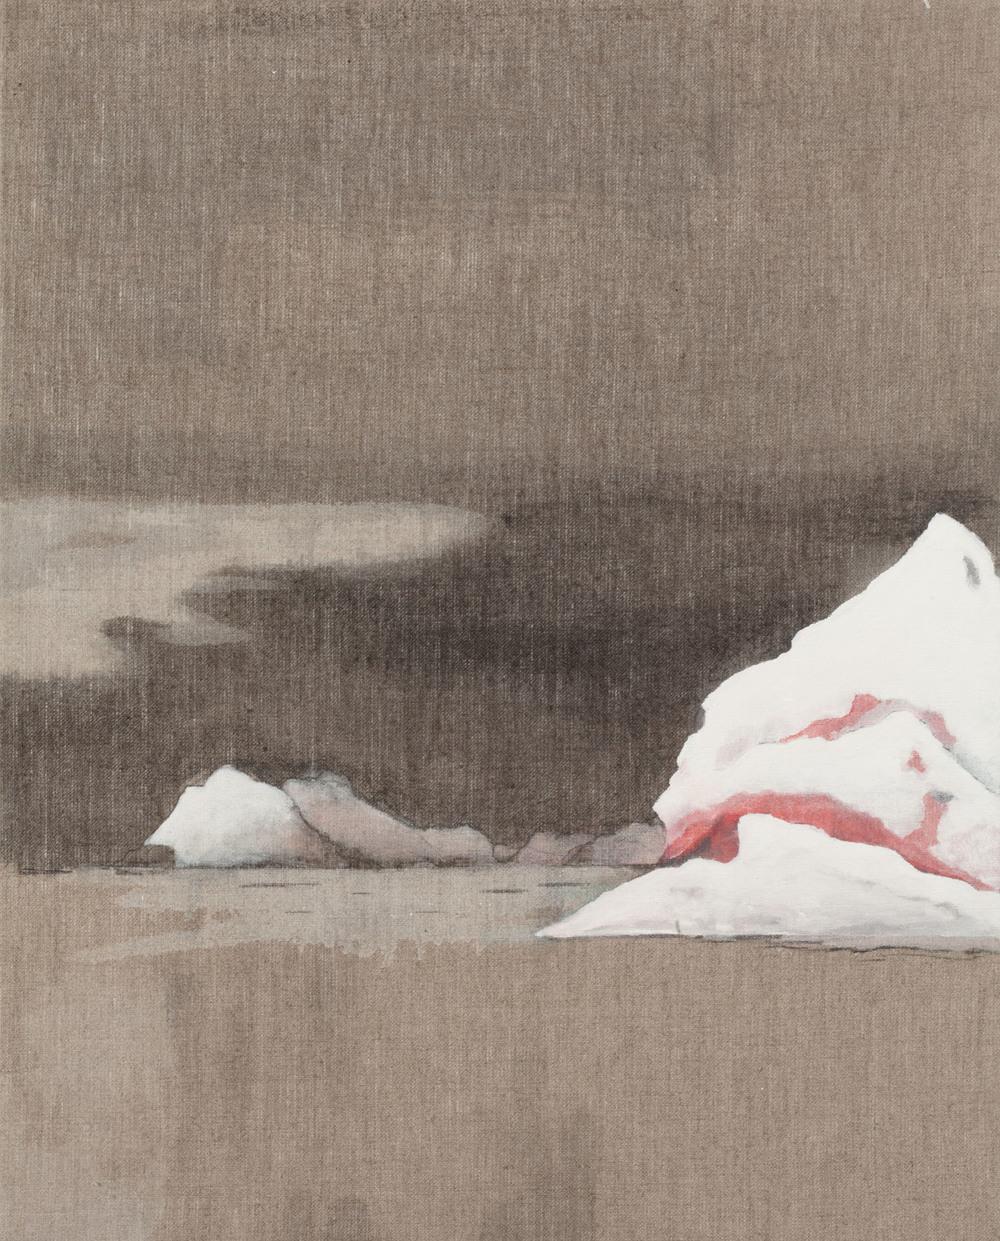 Colette Murphy_-_Glacier II_oil on linen_60 x 40cm.jpg